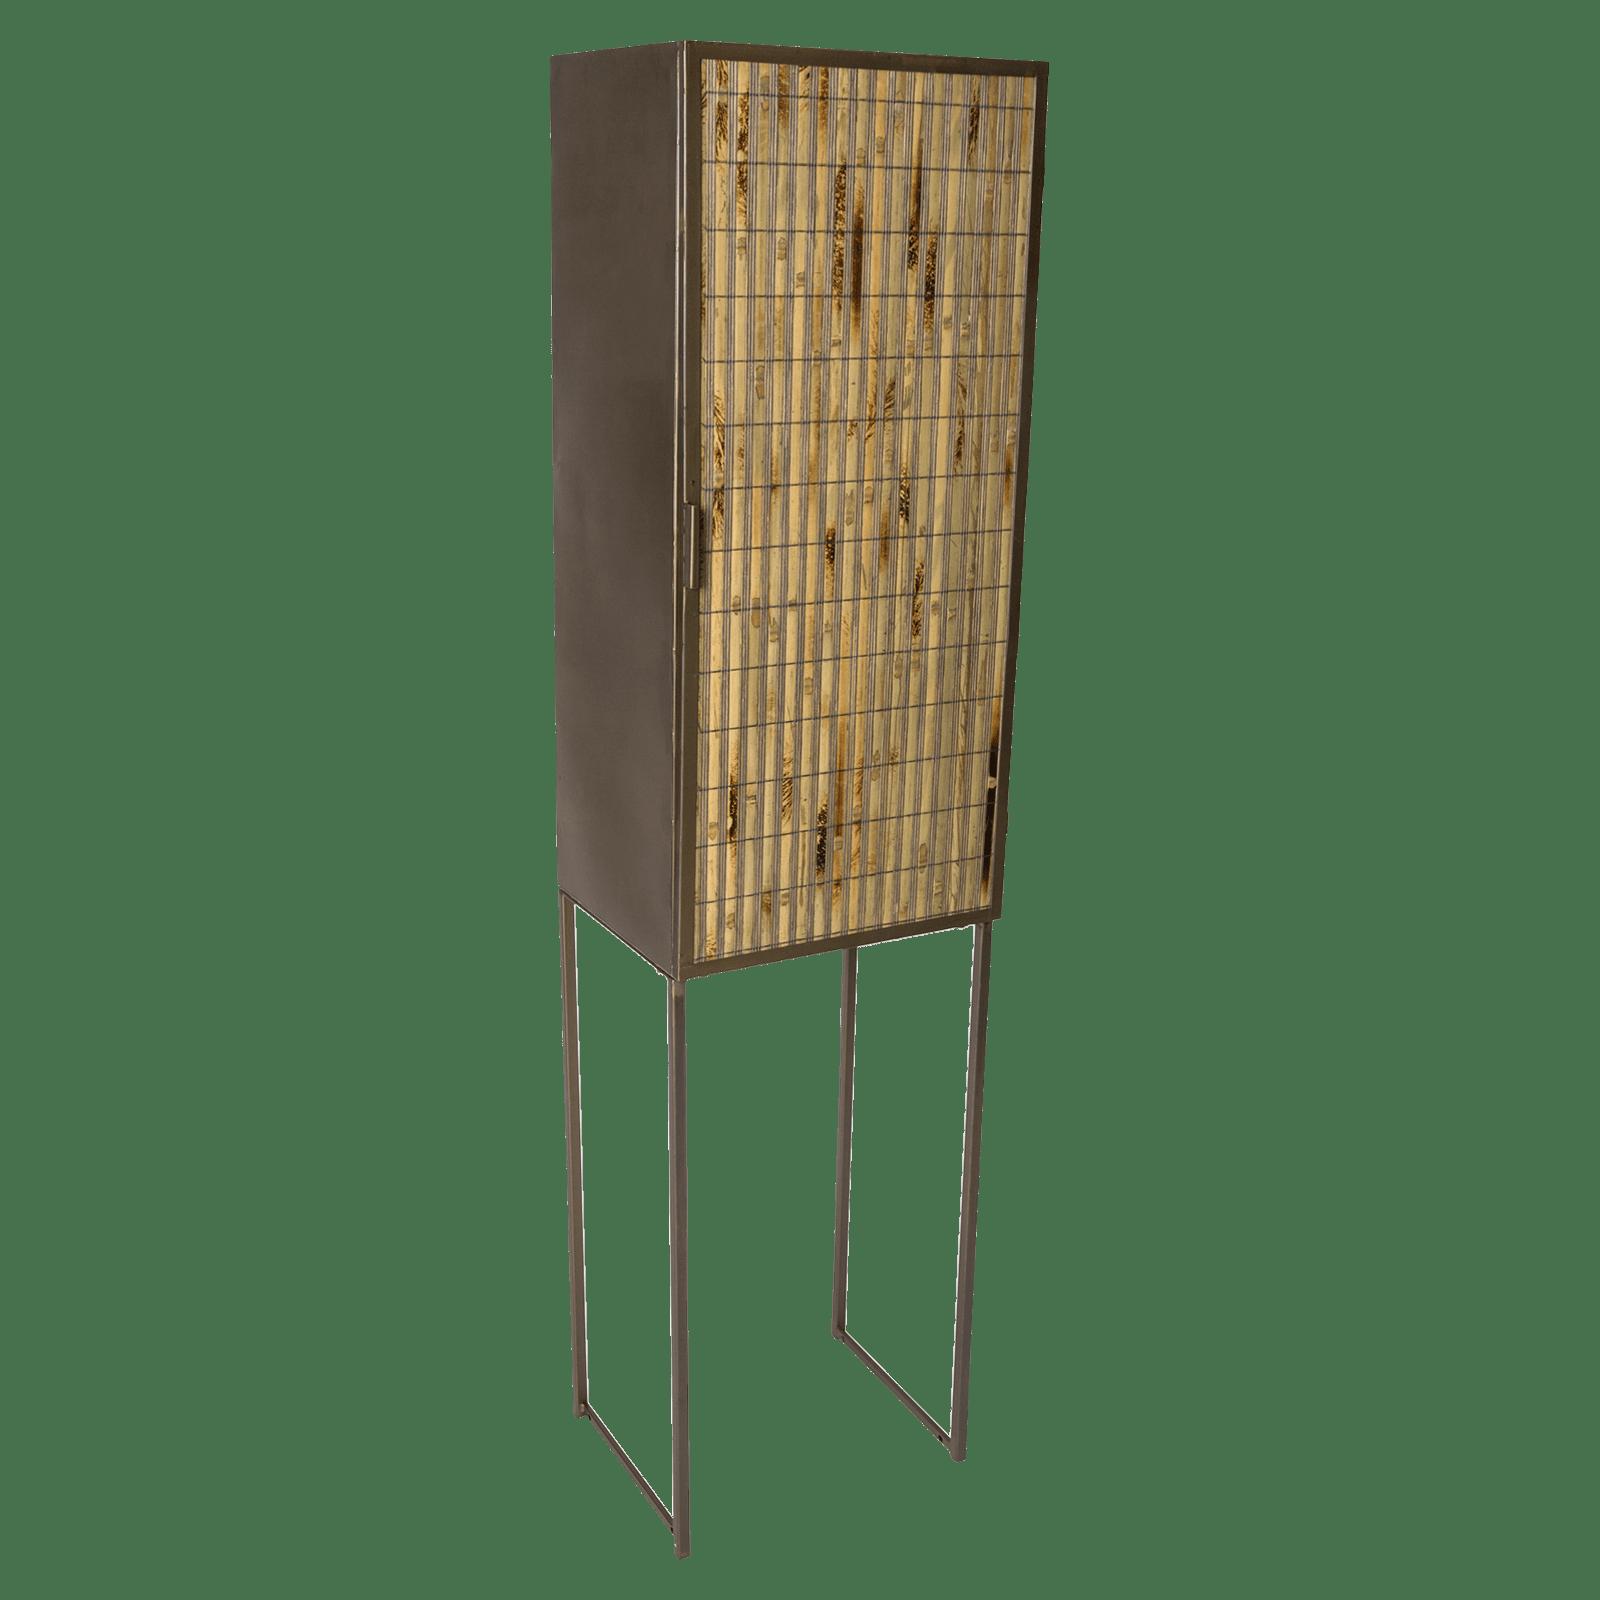 PTMD Opbergkast Metal Bamboo 1 Deur 160 x 40 x 53,5